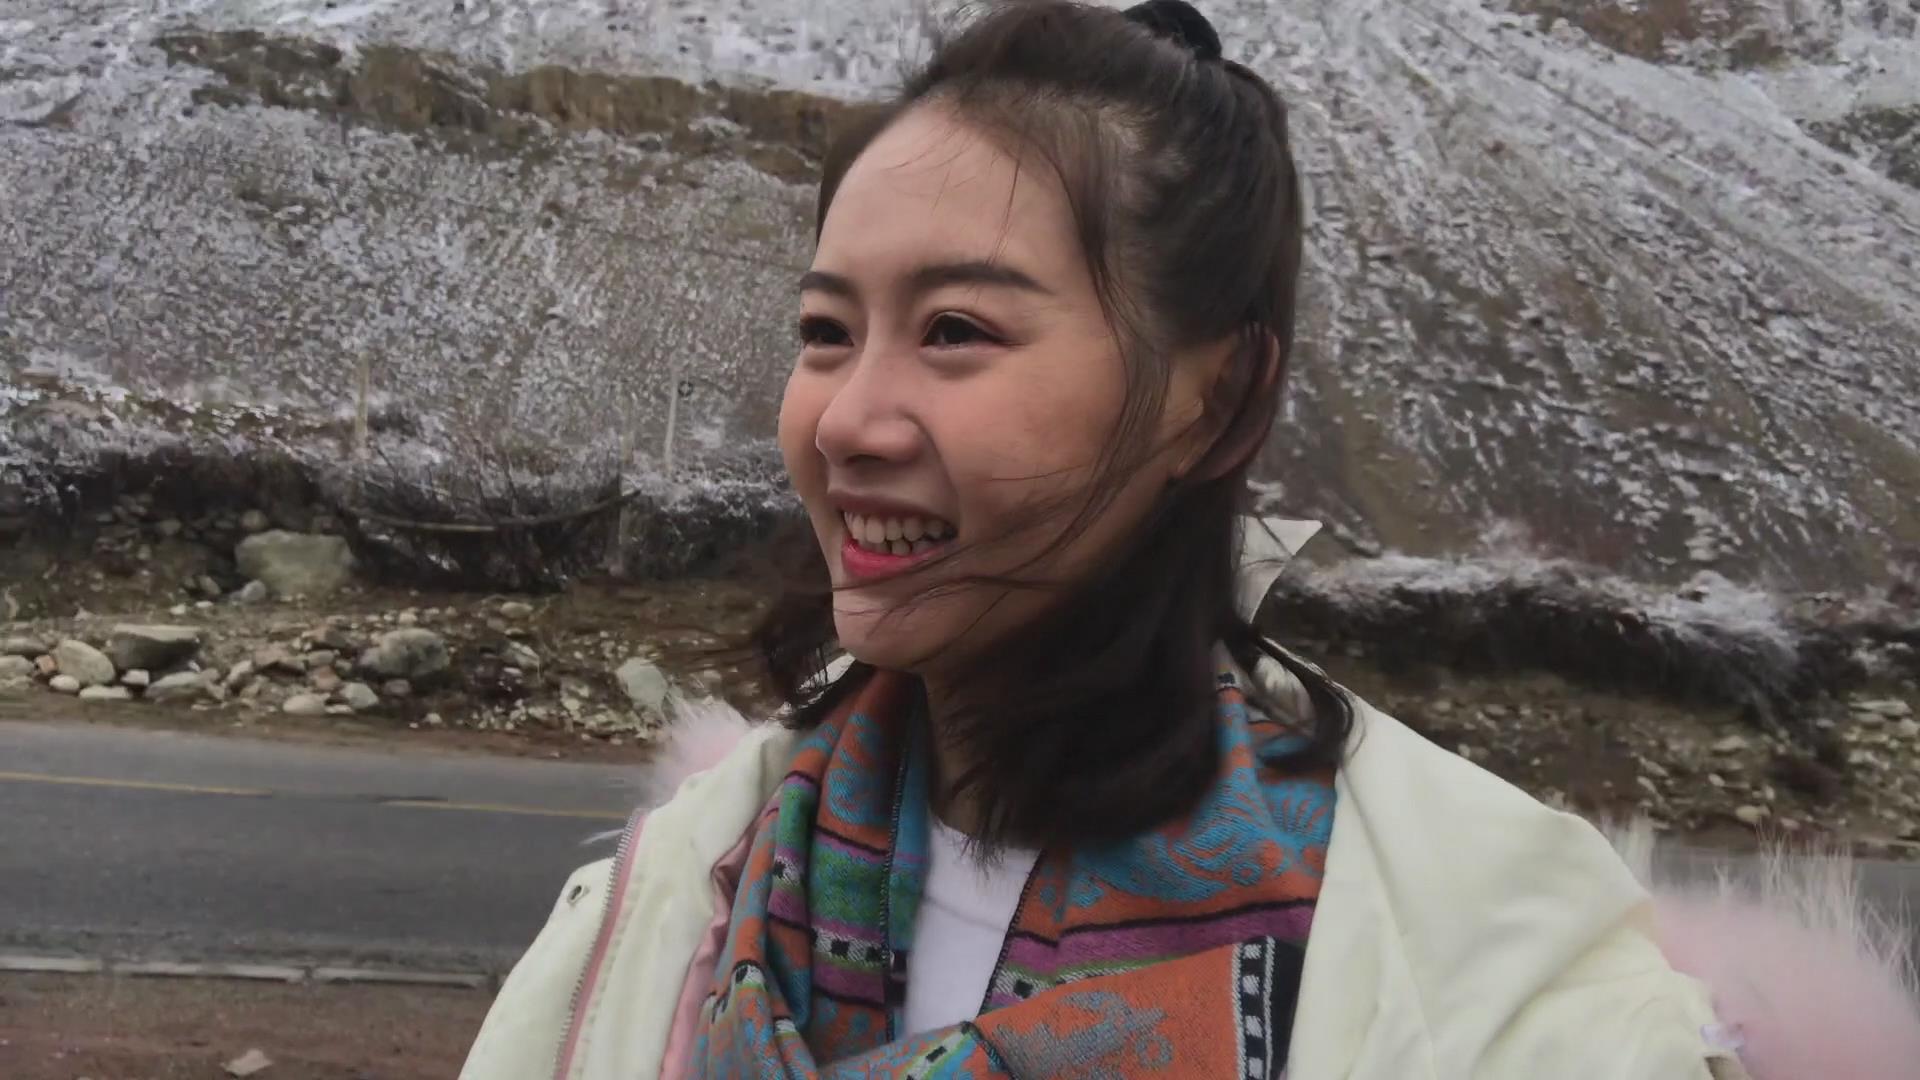 滇藏线游记第四天 妹子雪山斗牦牛 到达波密桃花沟